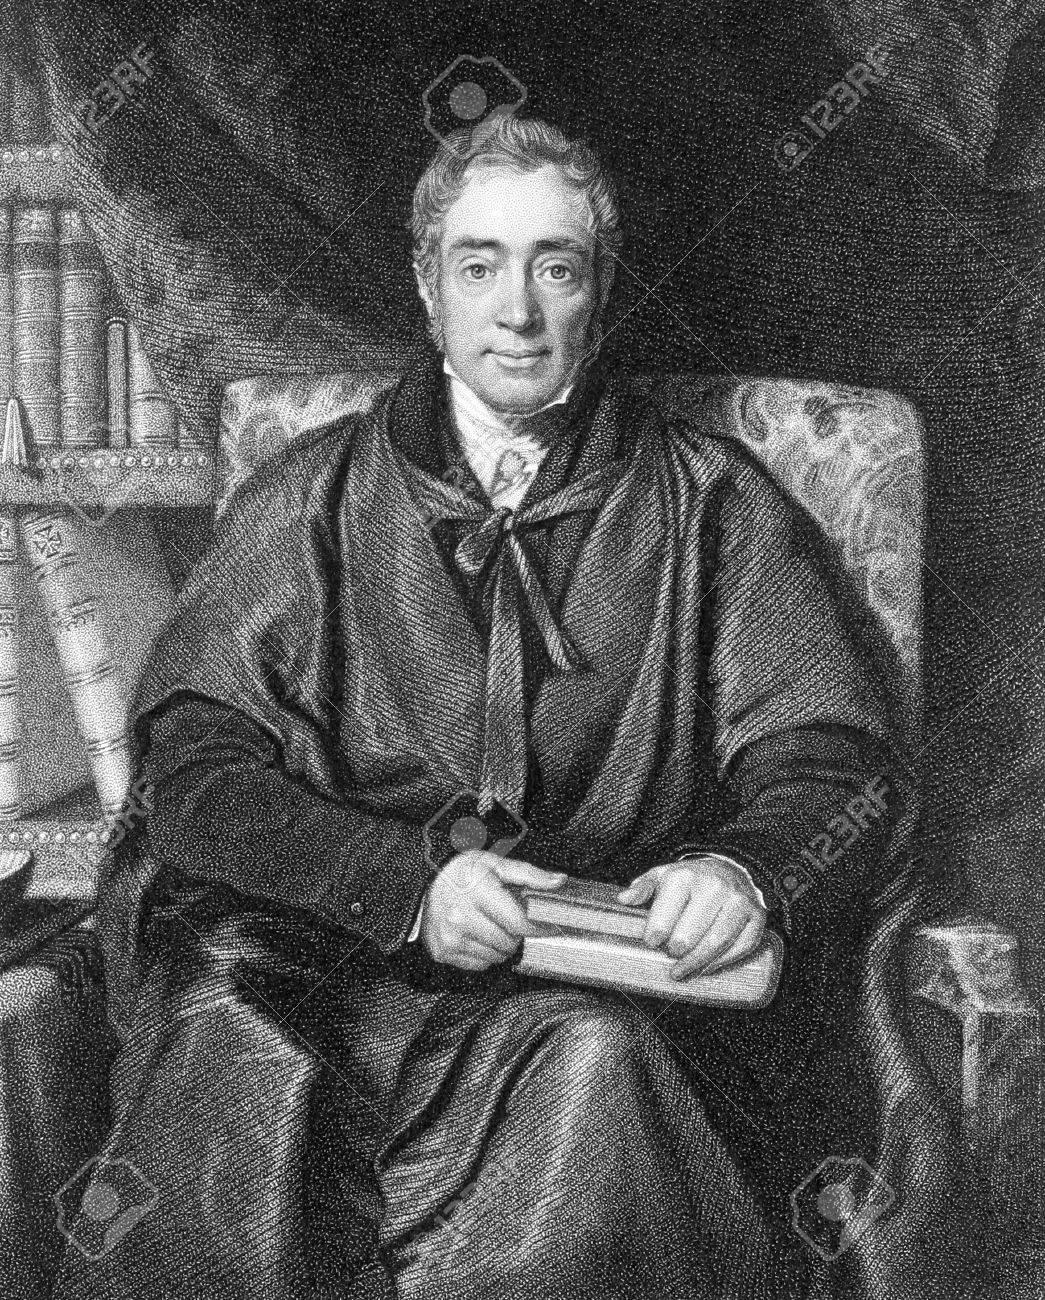 彫刻、1800 年代からの Samuel リー (1783年-1852 年)。ケンブリッジで ...